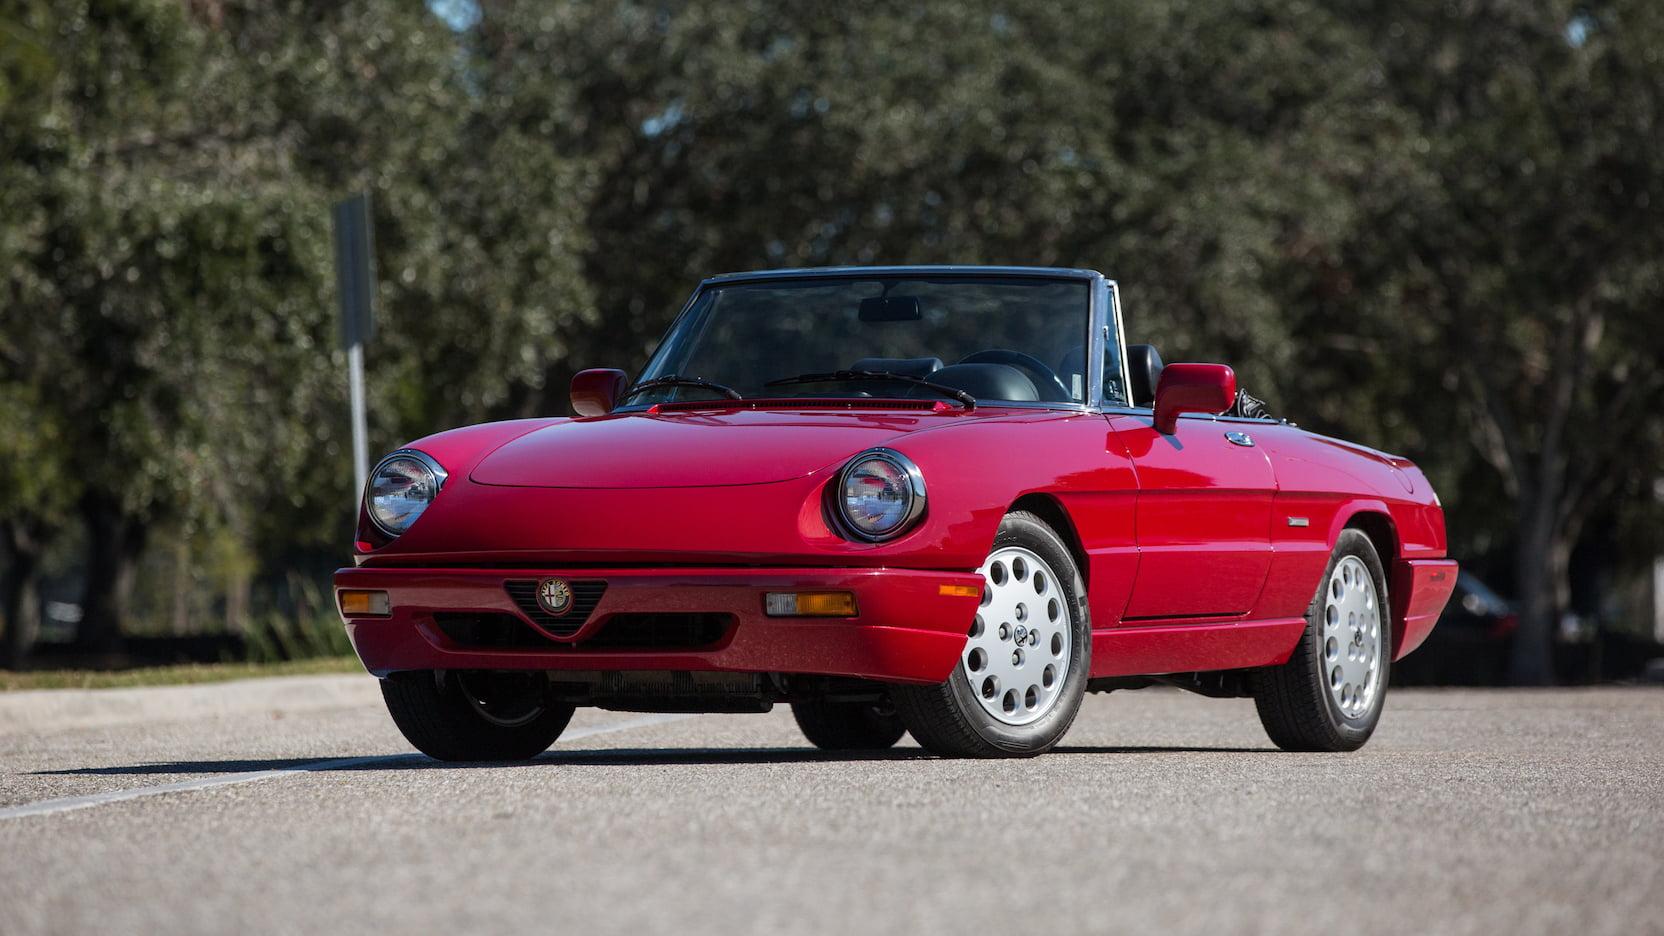 1992 Alfa Romeo Spider front 3/4